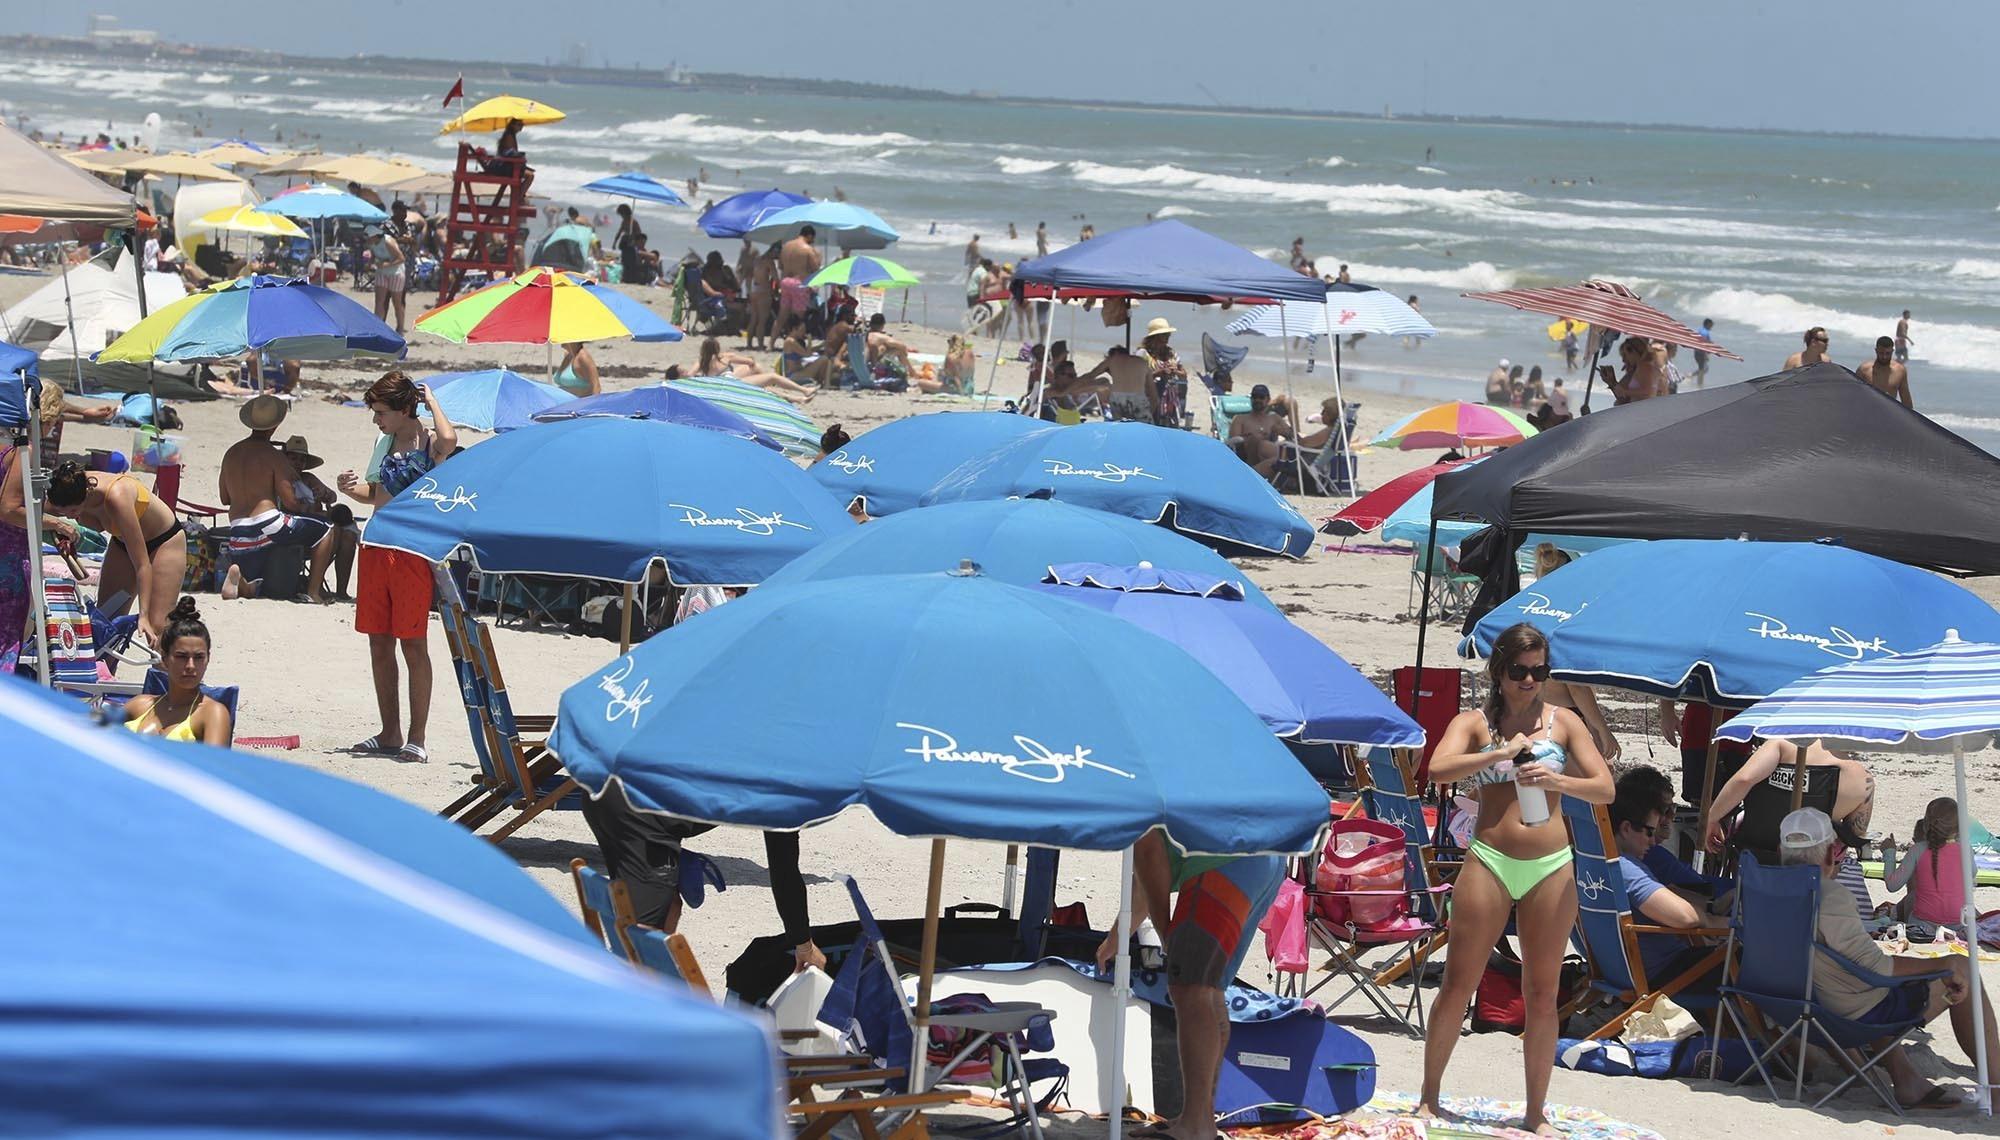 Cocoa Beach, en Florida. En Miami, donde la reapertura económica del estado llegó con retraso debido a la alta incidencia del COVID-19, todas las playas están cerradas, pero los parques y los paseos junto al mar están abiertos